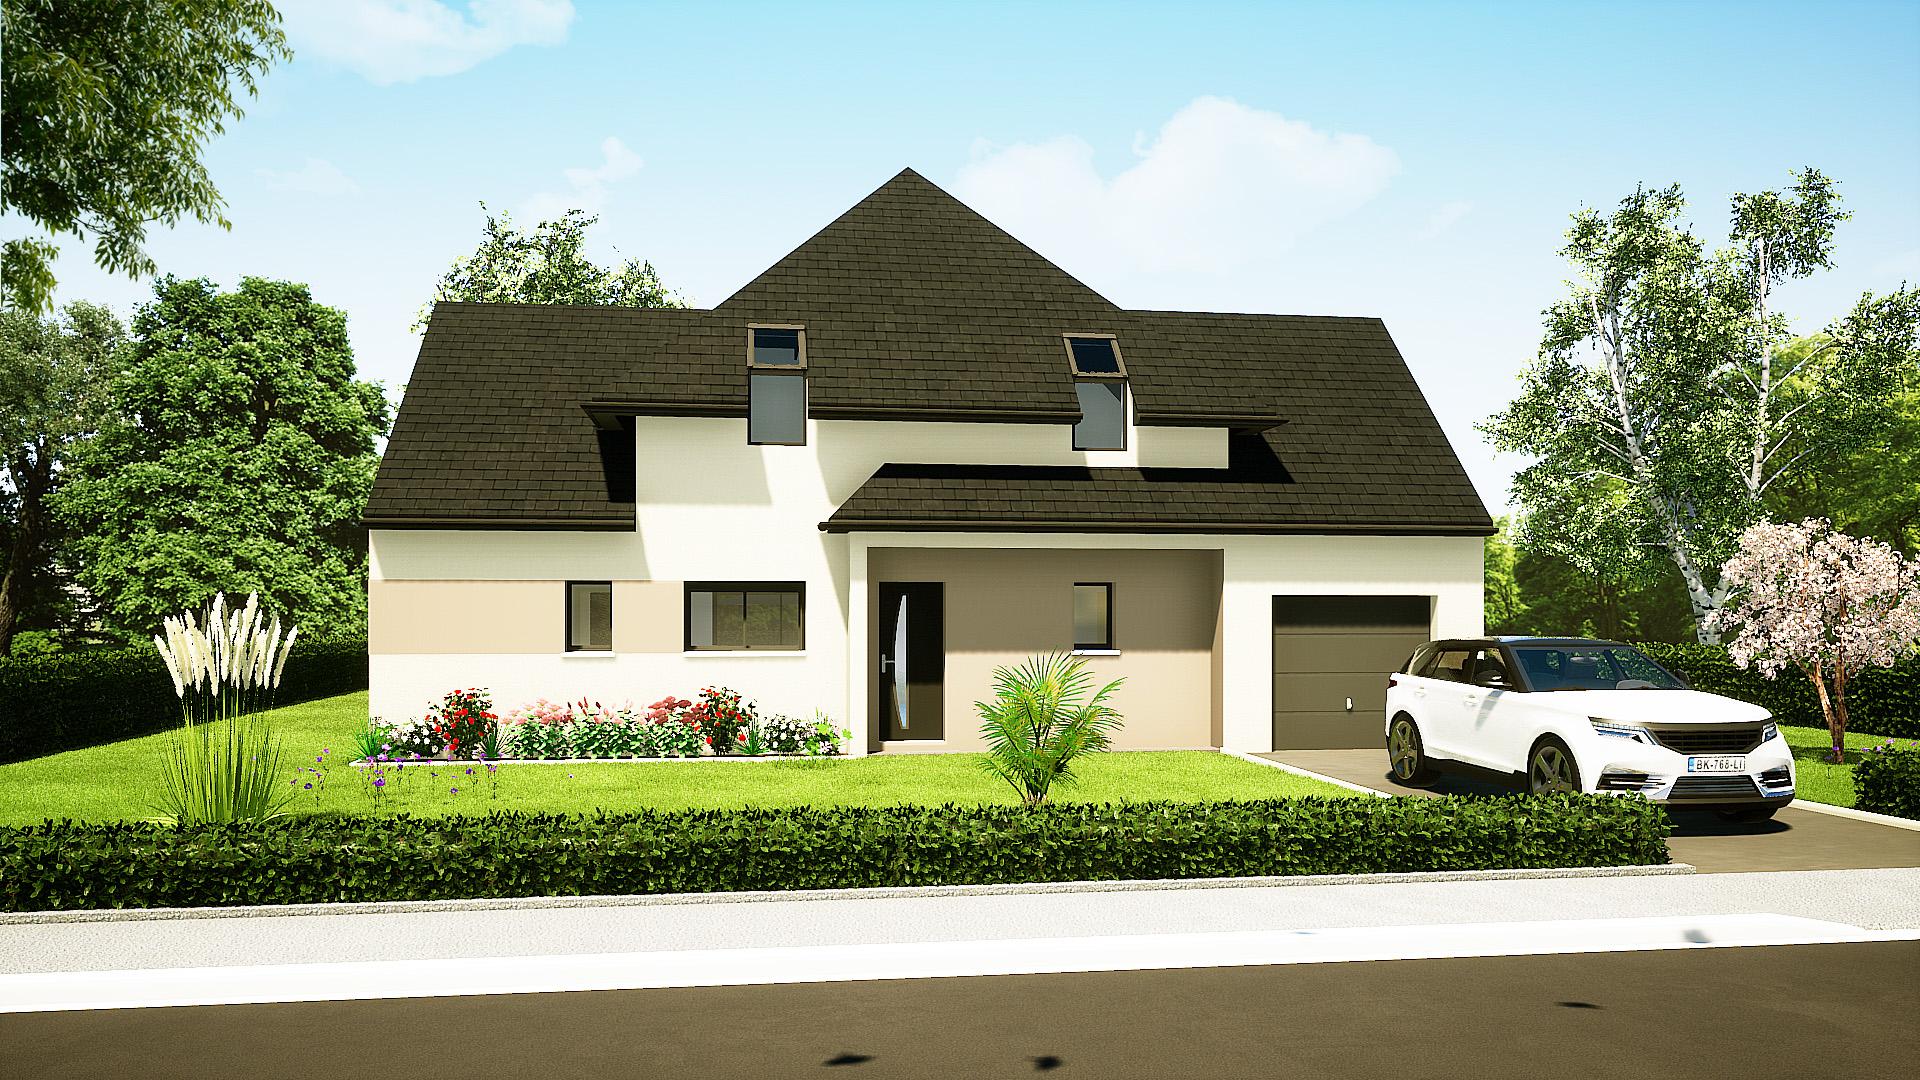 Modèle maisons Brette-les-pins 72250 façade avant maison semi R+1 4 chambres constructeur maison le mans constructeur maison en sarthe maisons LG